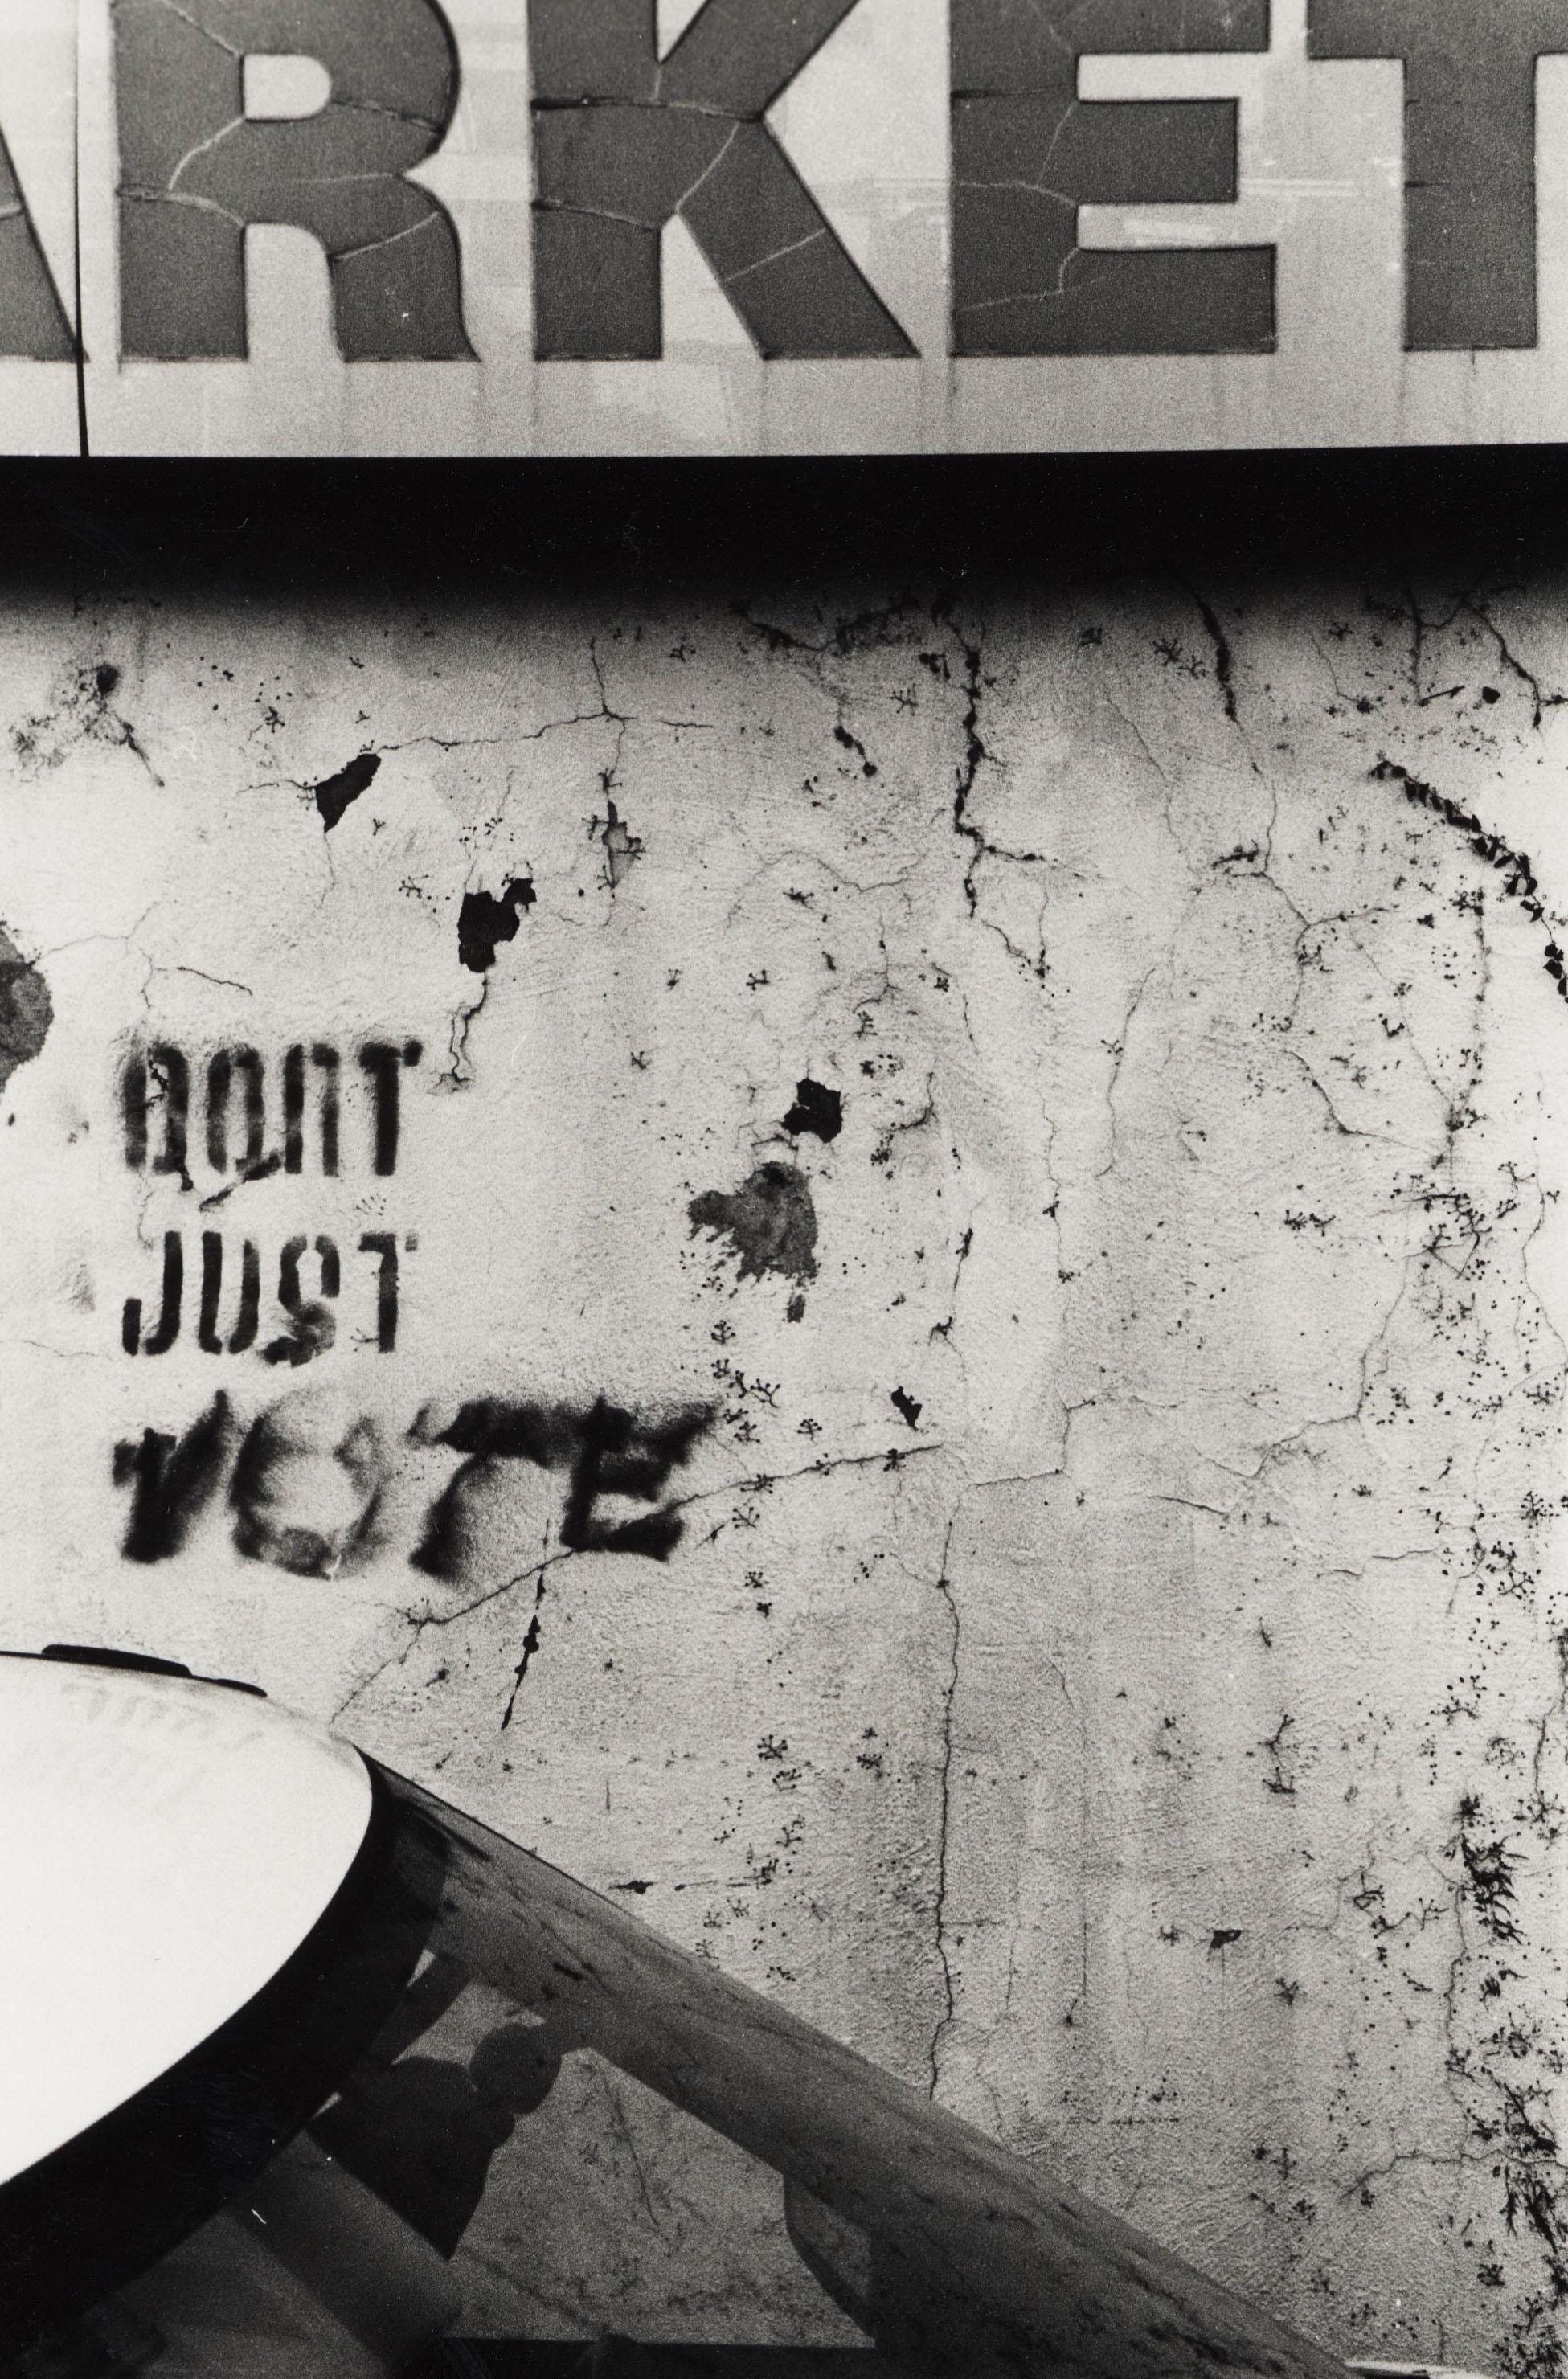 Don't Just Vote - Schriftzug an einer Wand - Quelle: WikiCommons